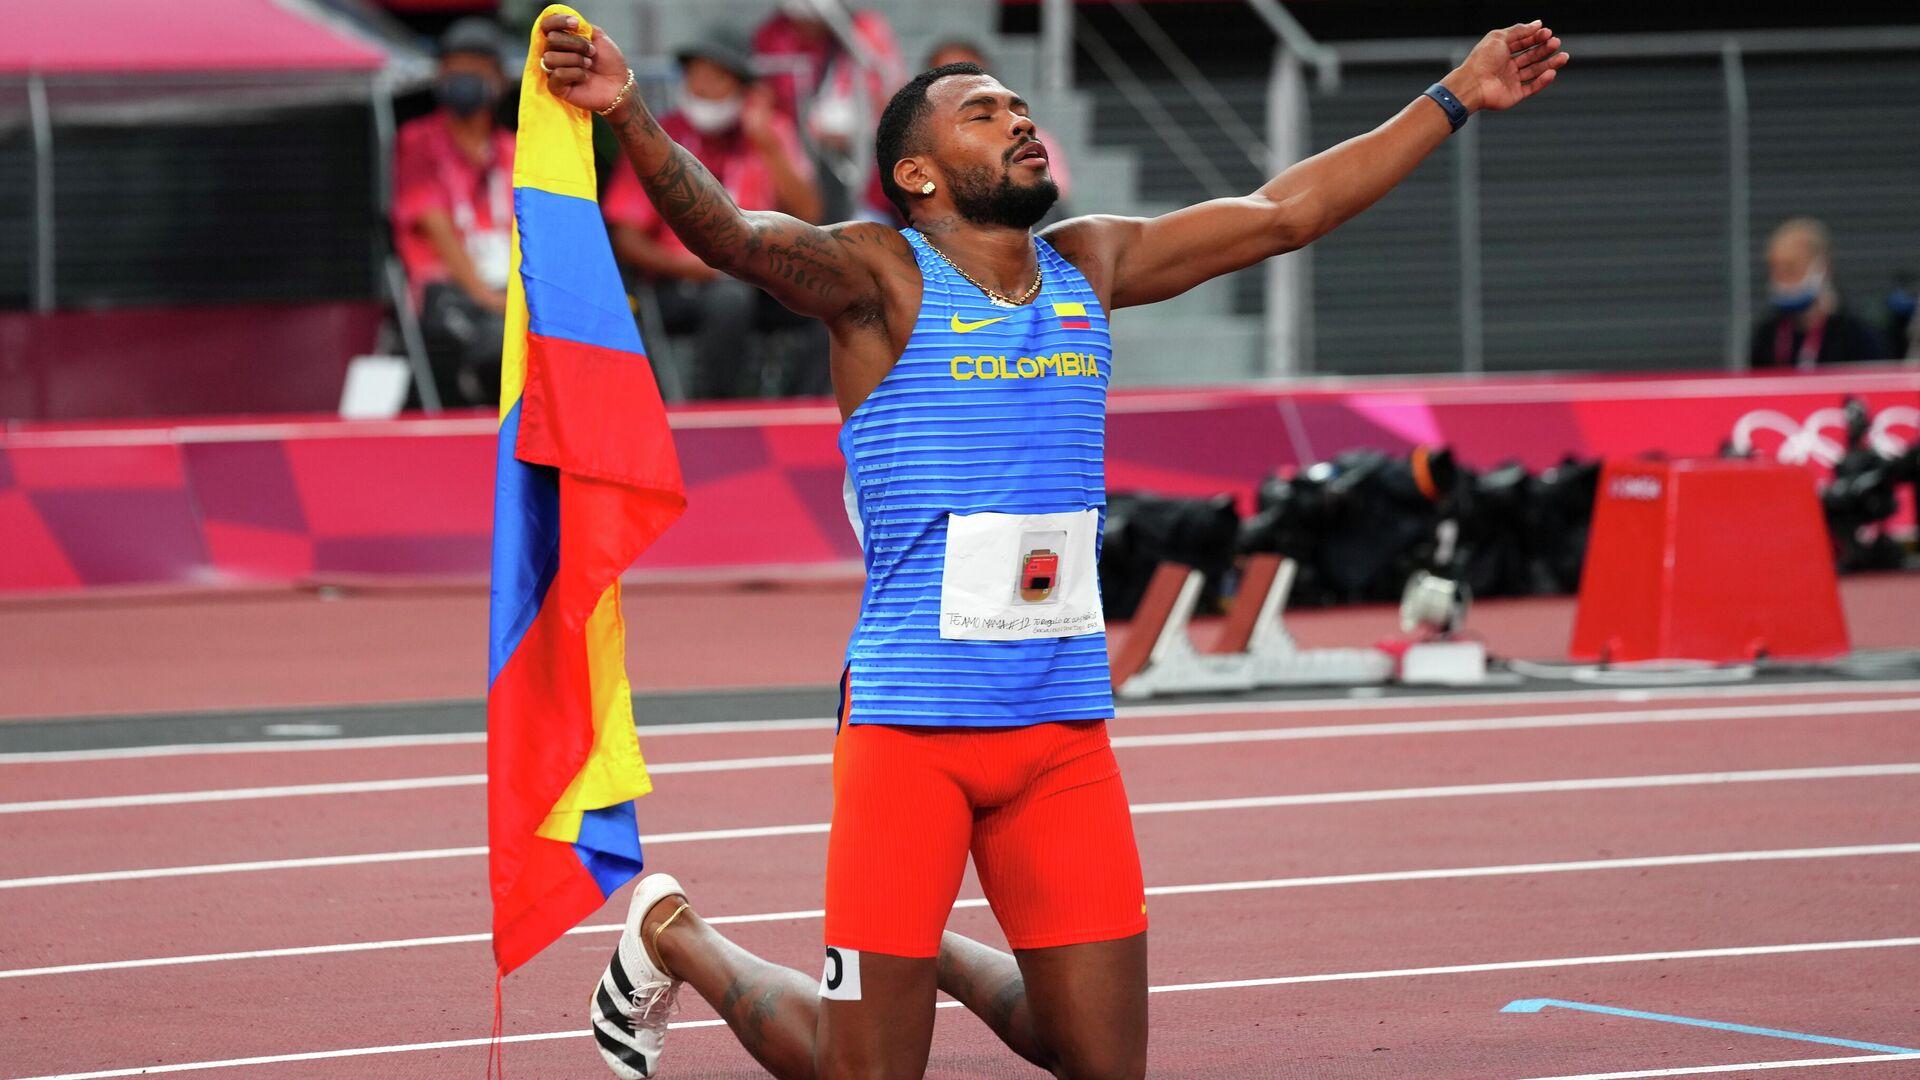 El colombiano Anthony Zambrano después de consiguir la medalla de plata en la prueba de 400 metros planos en los Juegos Olímpicos de Tokio 2020 - Sputnik Mundo, 1920, 05.08.2021